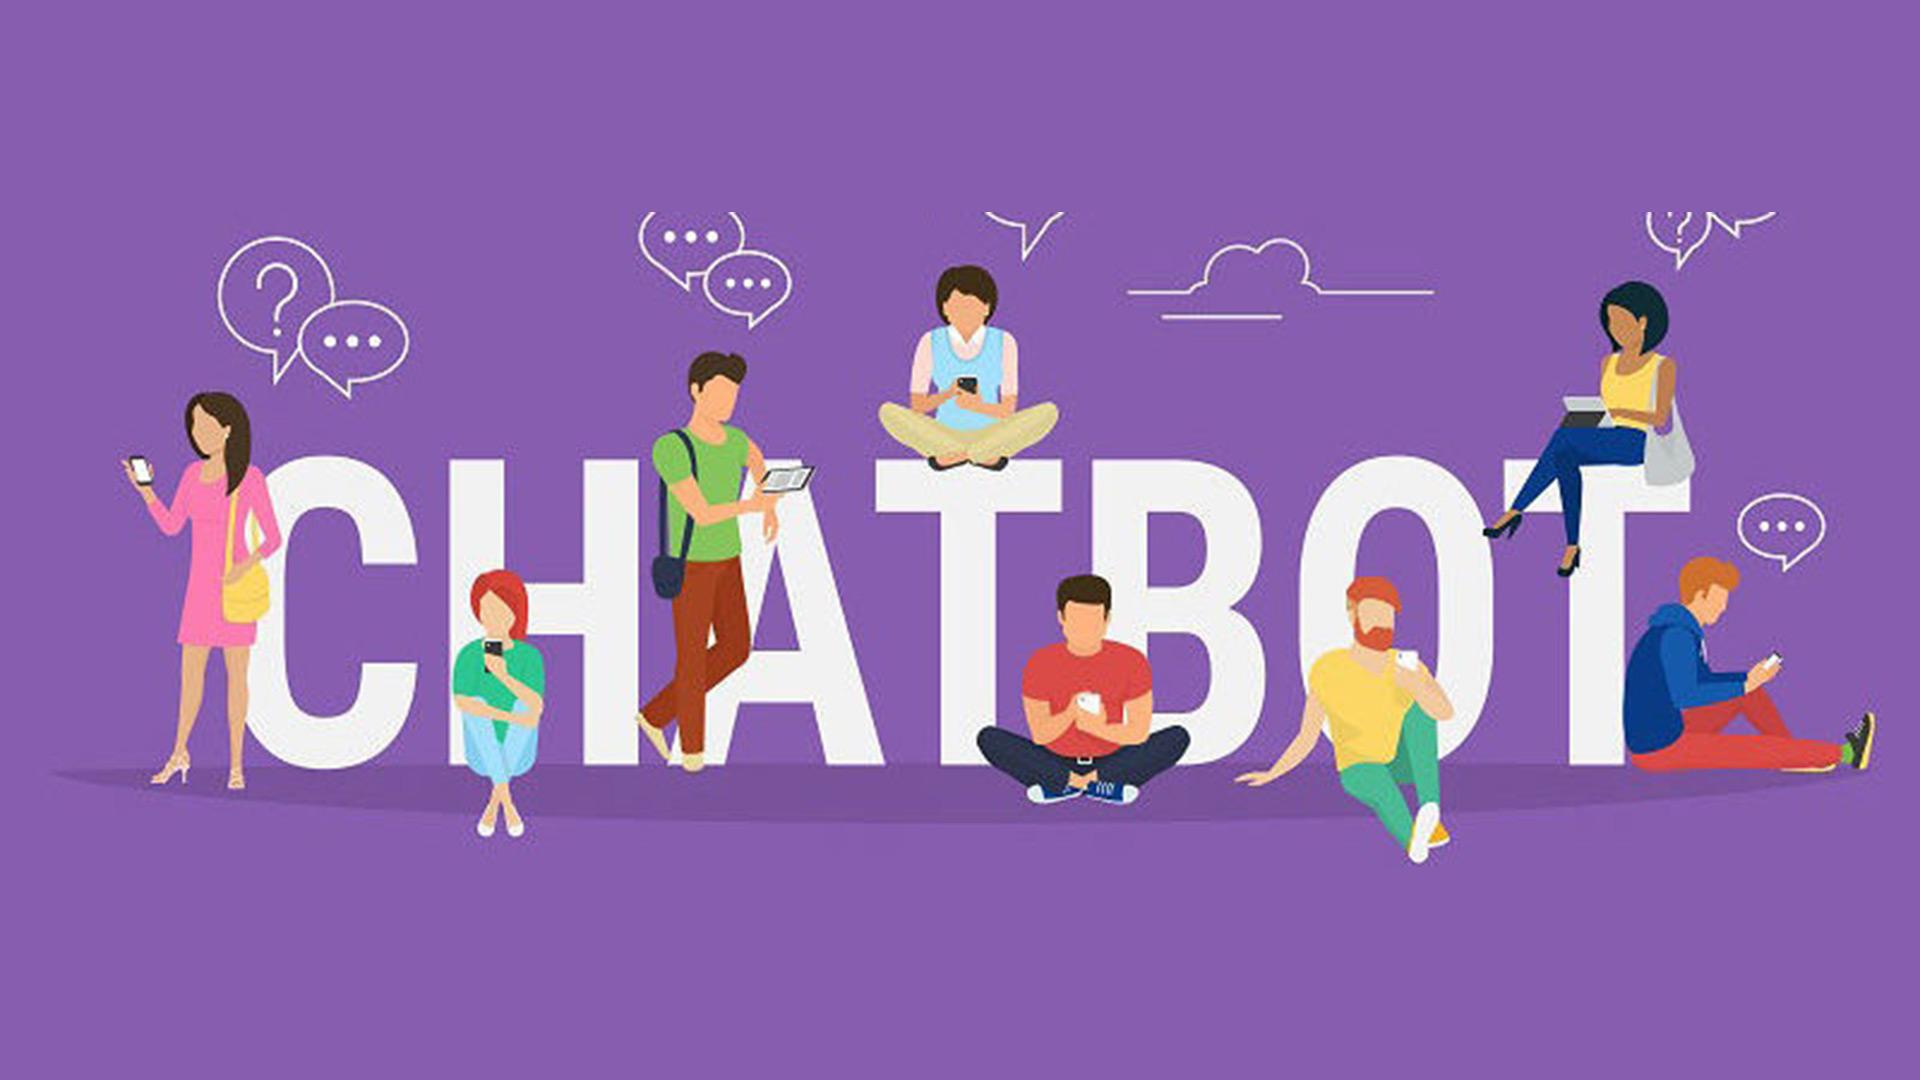 Intelligent Chatbot Using Botkit and Rasa NLU